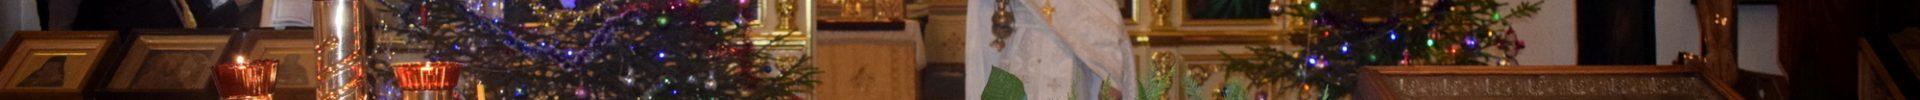 В праздник Рождества Христова благочинный Рогачевского церковного округа совершил Литургию в главном храме благочиния